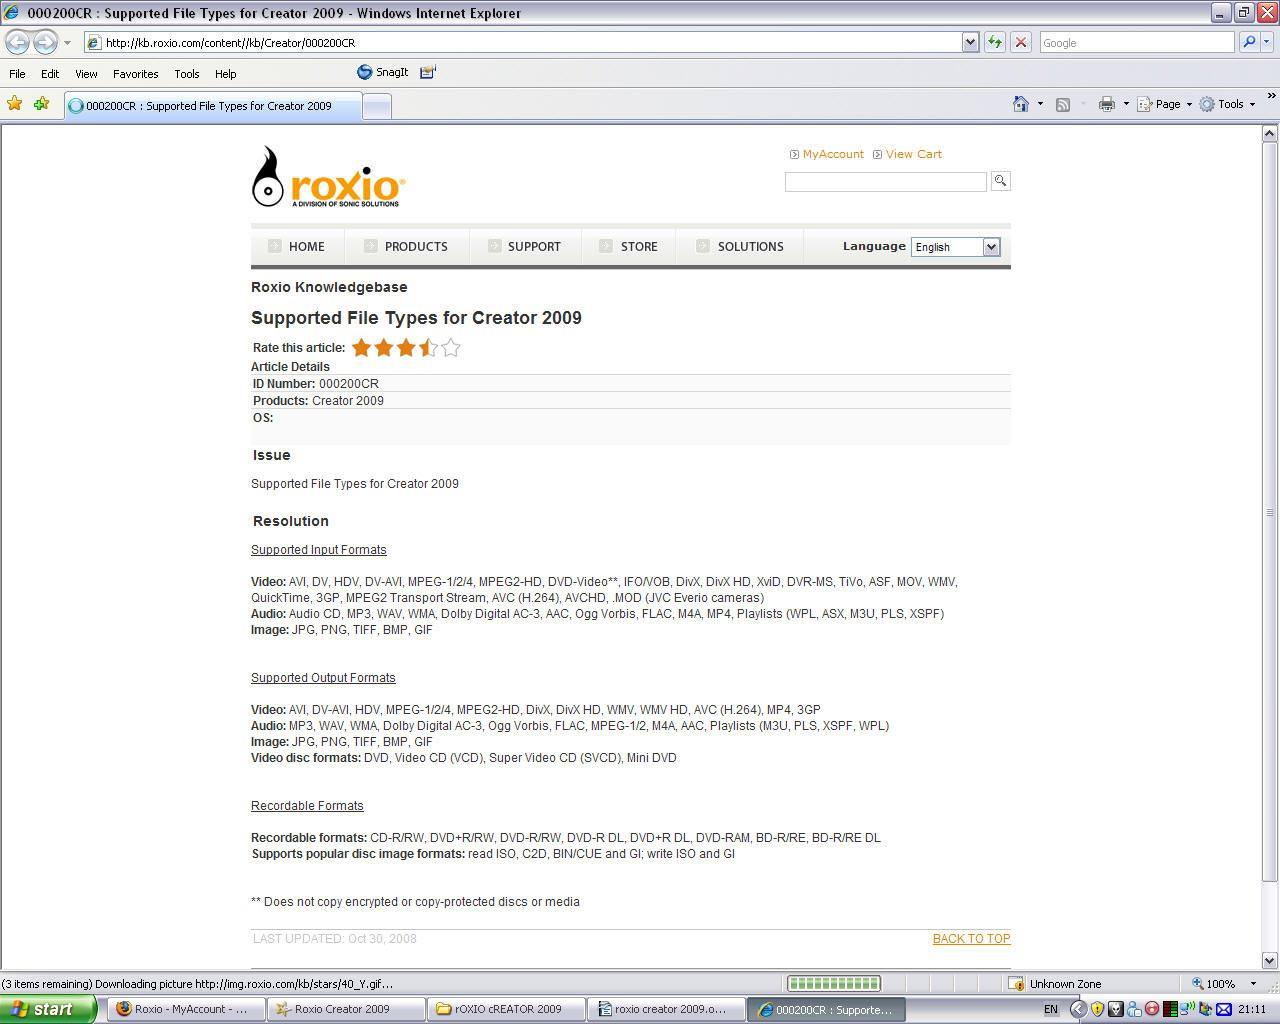 Roxio Creator 2009 Review | ePHOTOzine